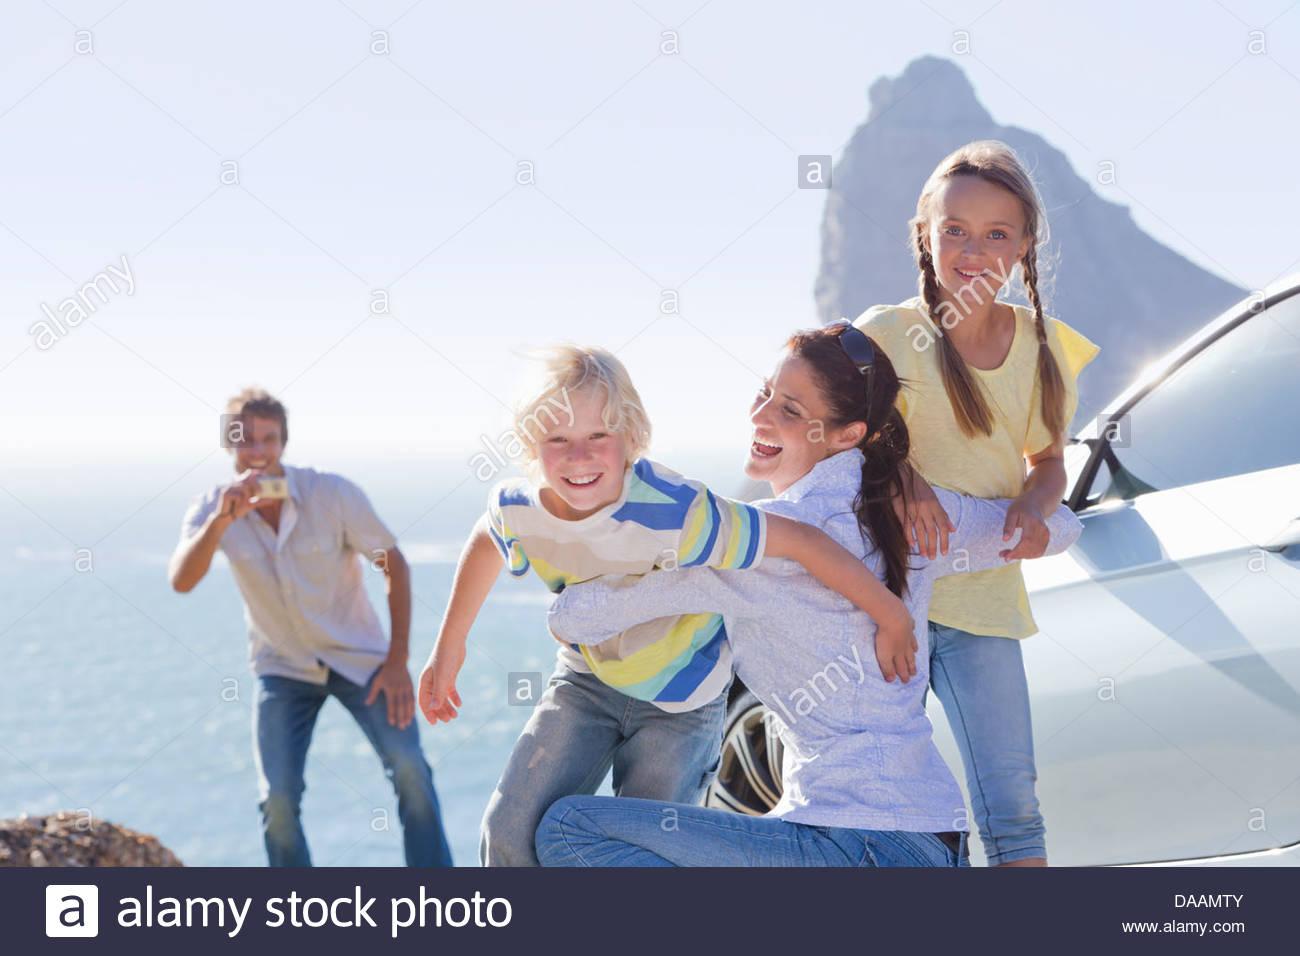 Spielerische Familie umarmt außerhalb Auto in der Nähe von Meer Stockbild